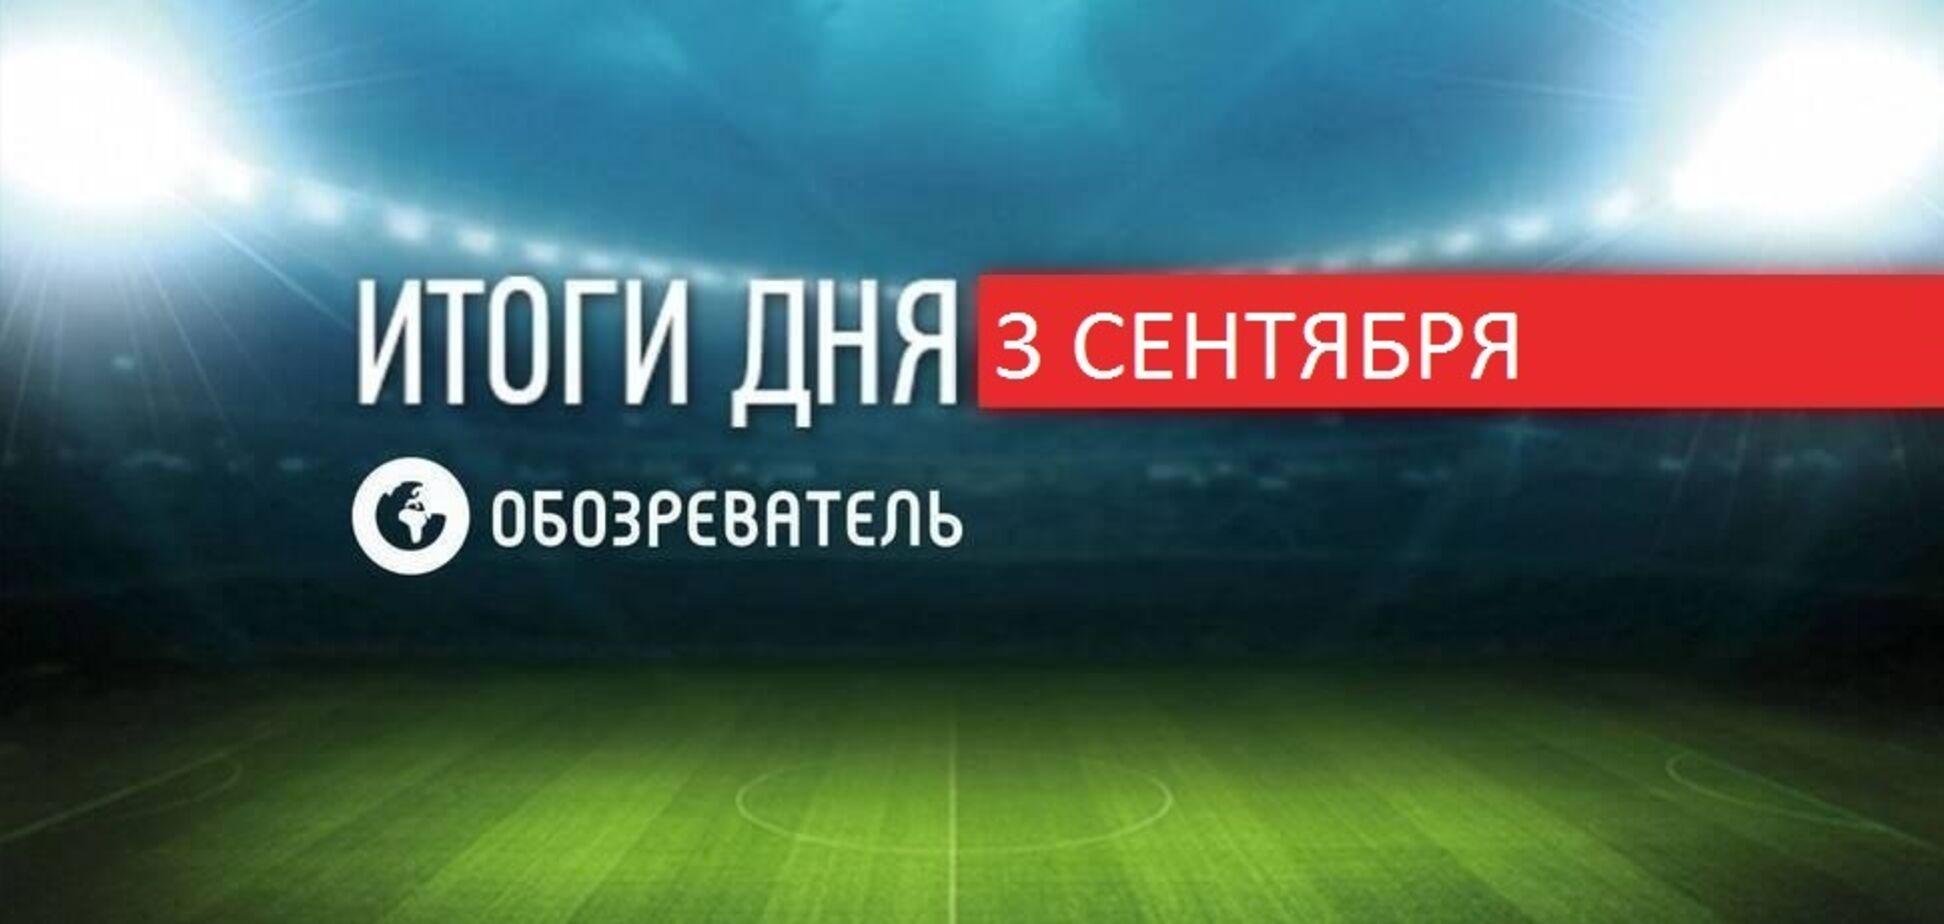 Украина победно стартовала в элите Лиги наций: спортивные итоги 3 сентября